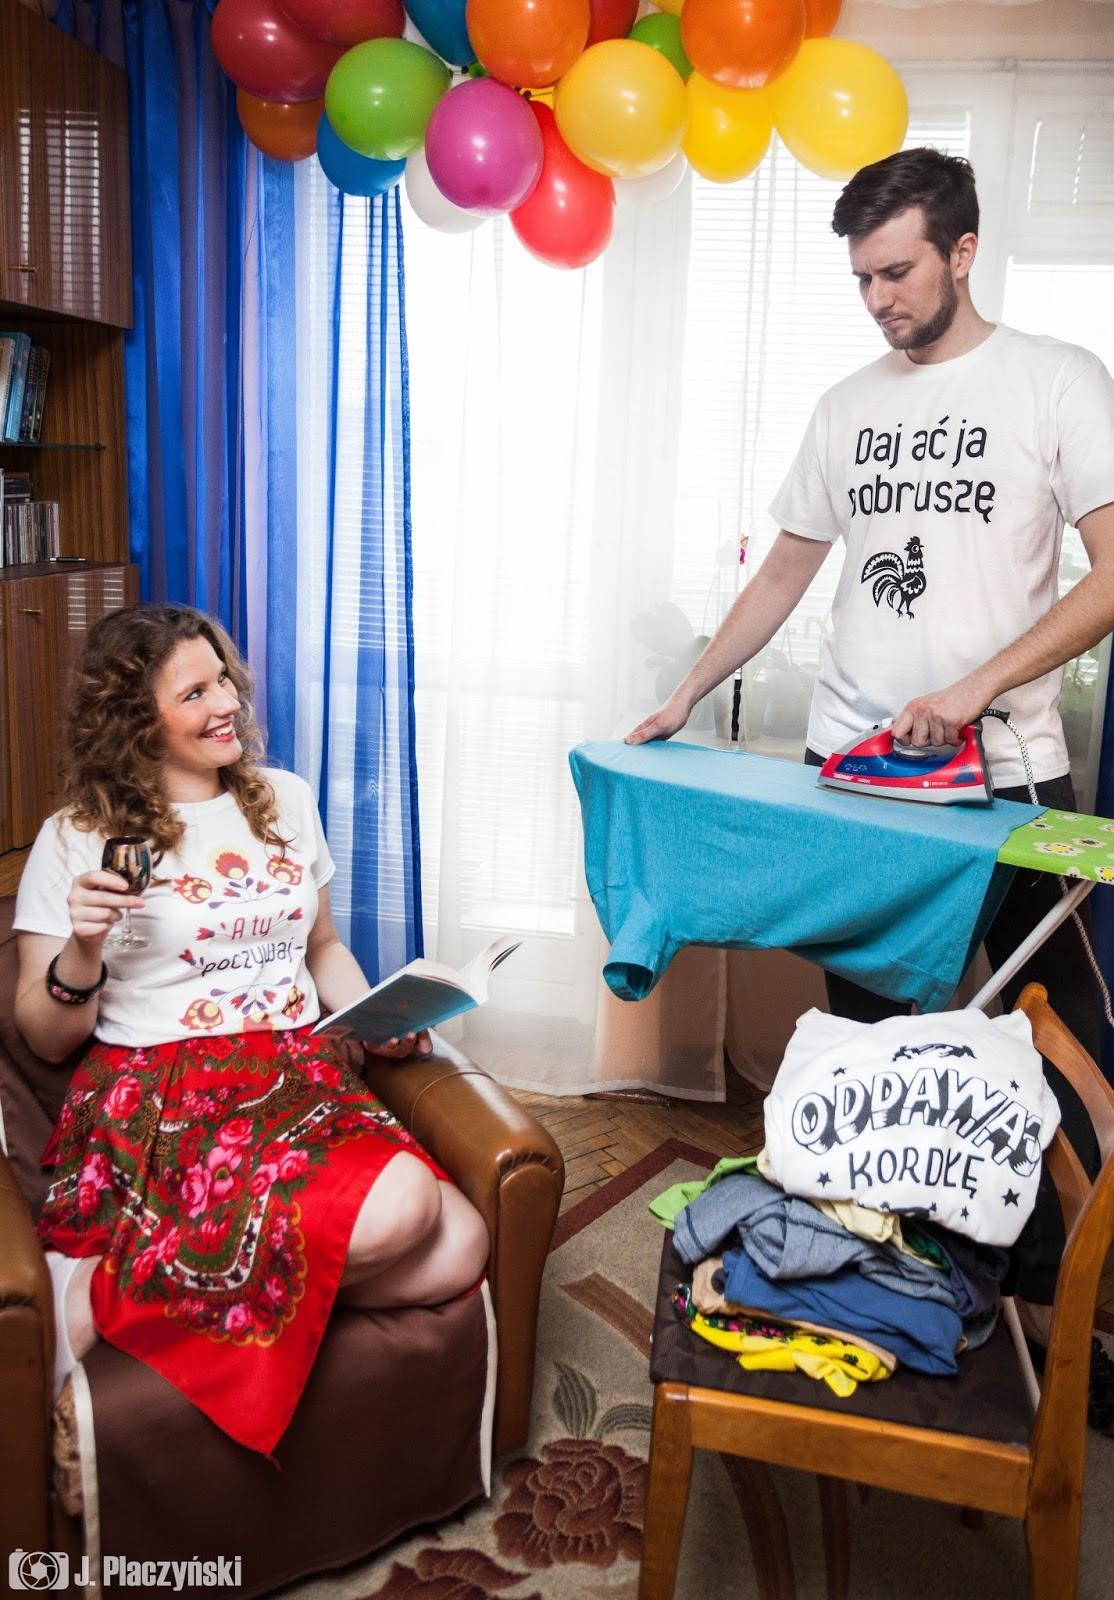 pobrusze daj ac ja pobrusze a ty poczywaj ludowy motyw koszulki dla zakochanych par walentynki love chlopak dziewczyna milosc prezent koszulove